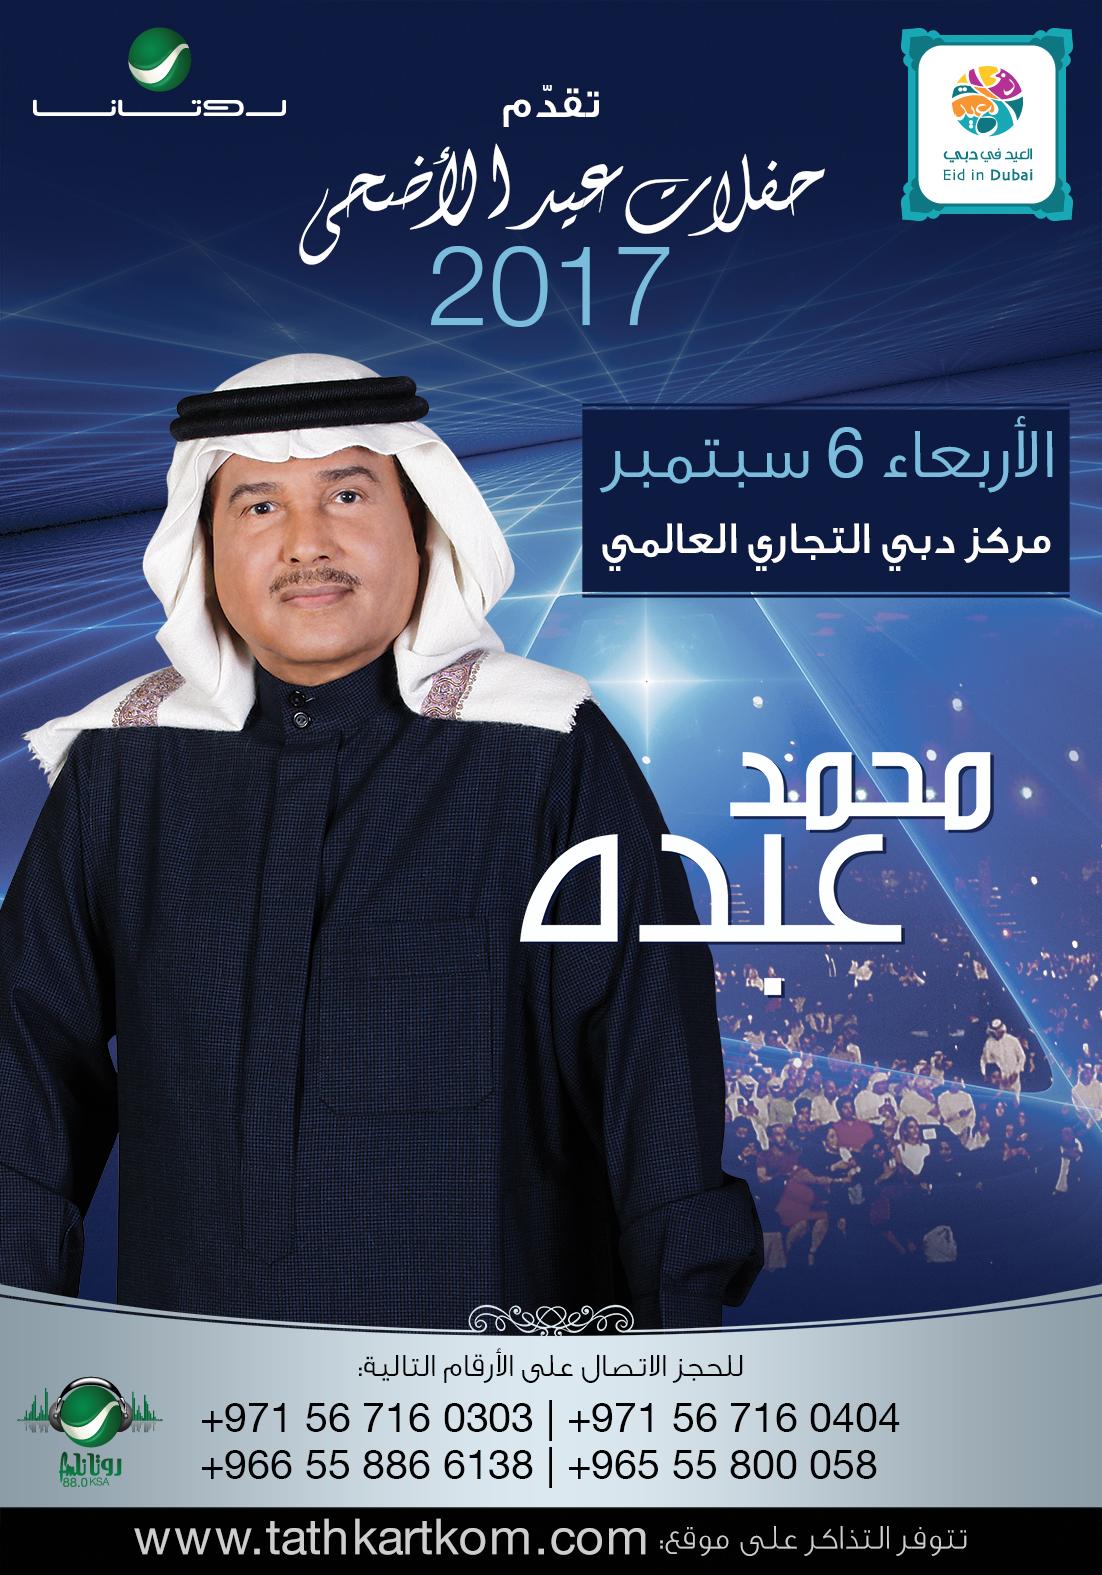 M Abdo - Eid Al Adha 2017 - Dubai TVC